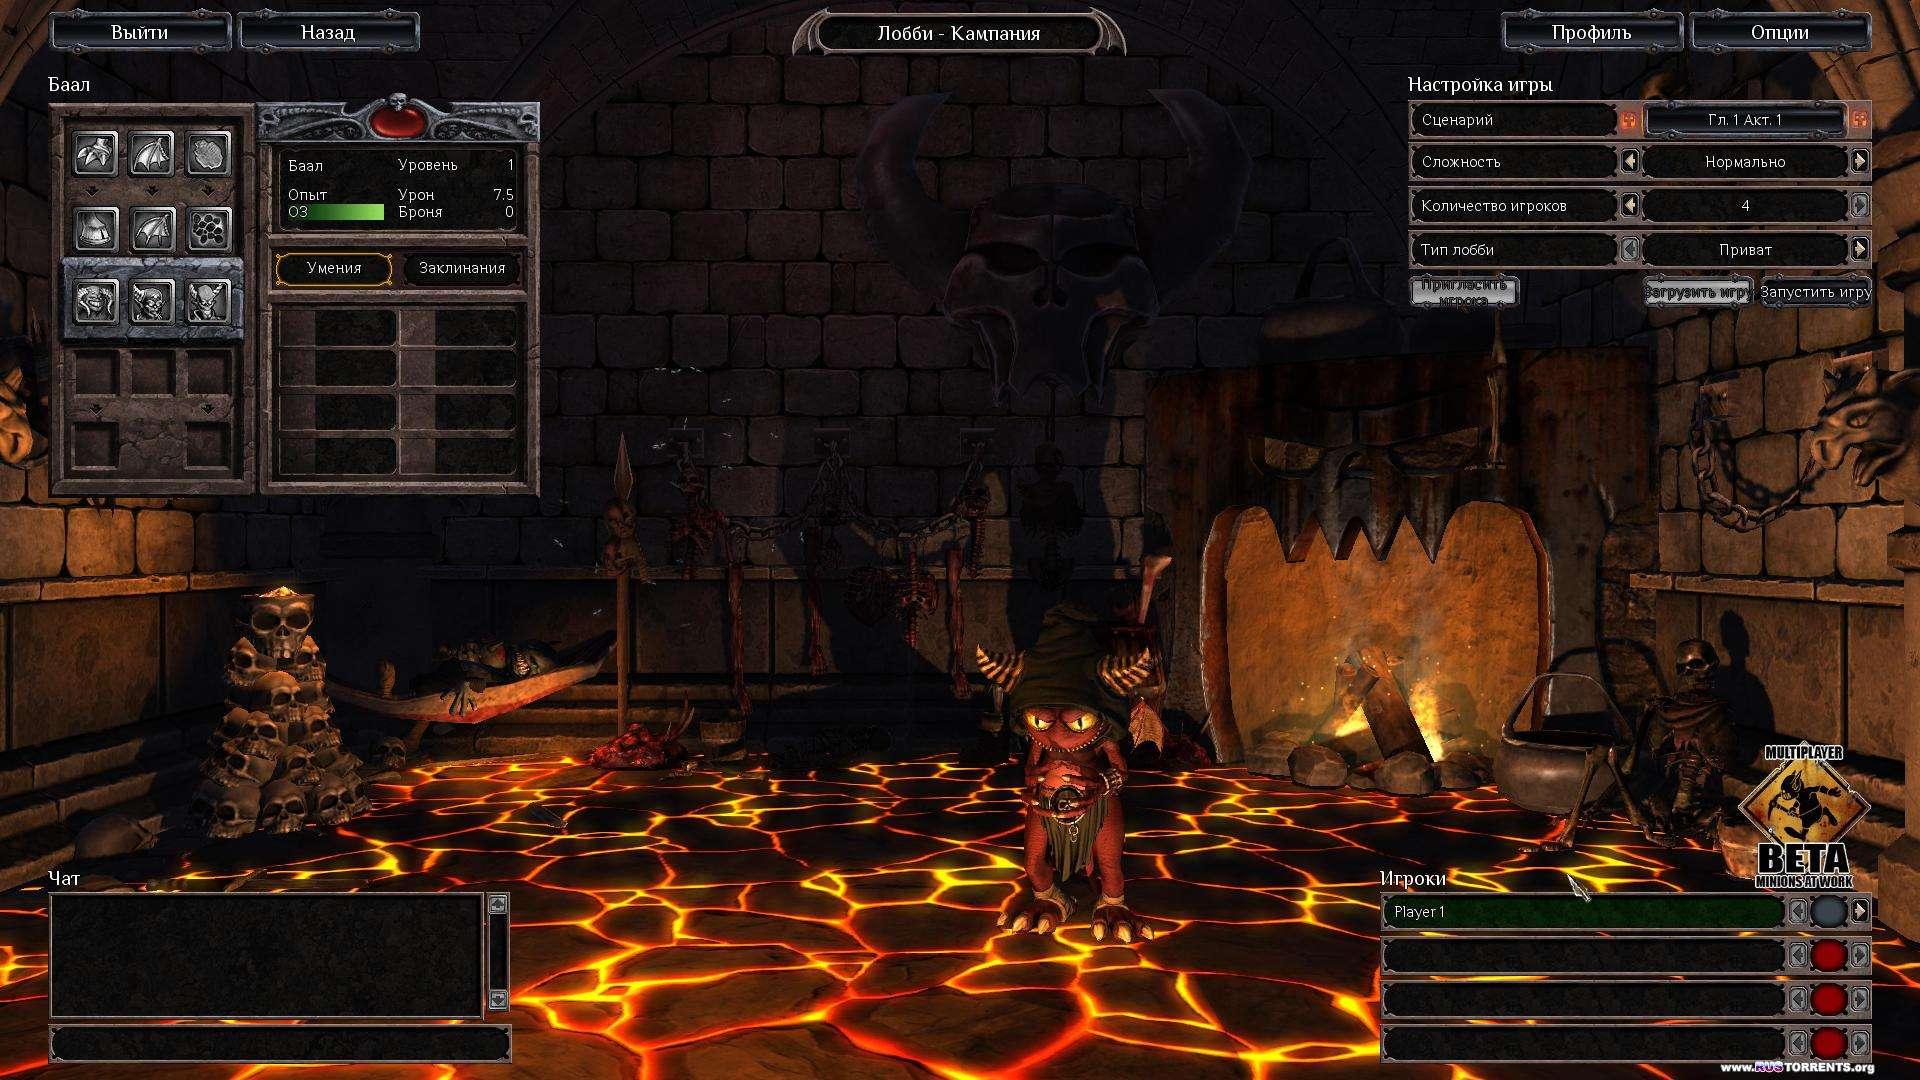 Impire.v 1.0.1.2 + 2 DLC (Paradox Interactive) (RUS  ENG) [Repack] от Fenixx